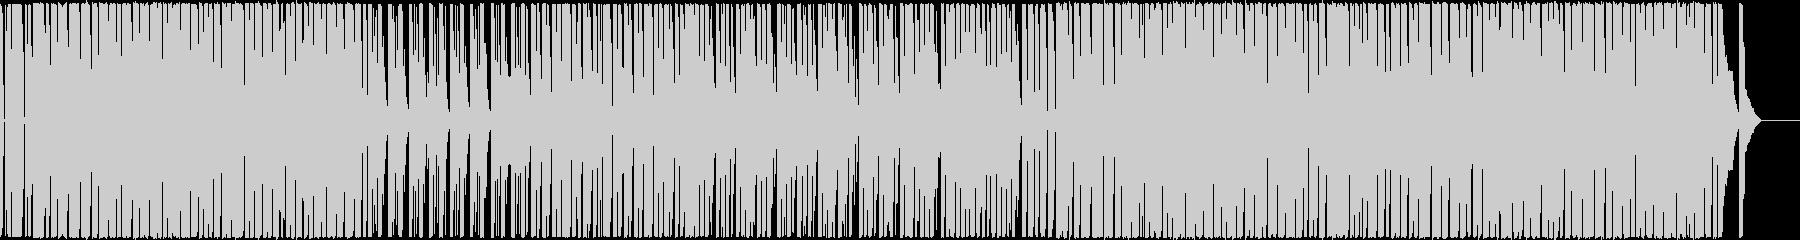 日常をイメージの可愛いエレクトロポップの未再生の波形